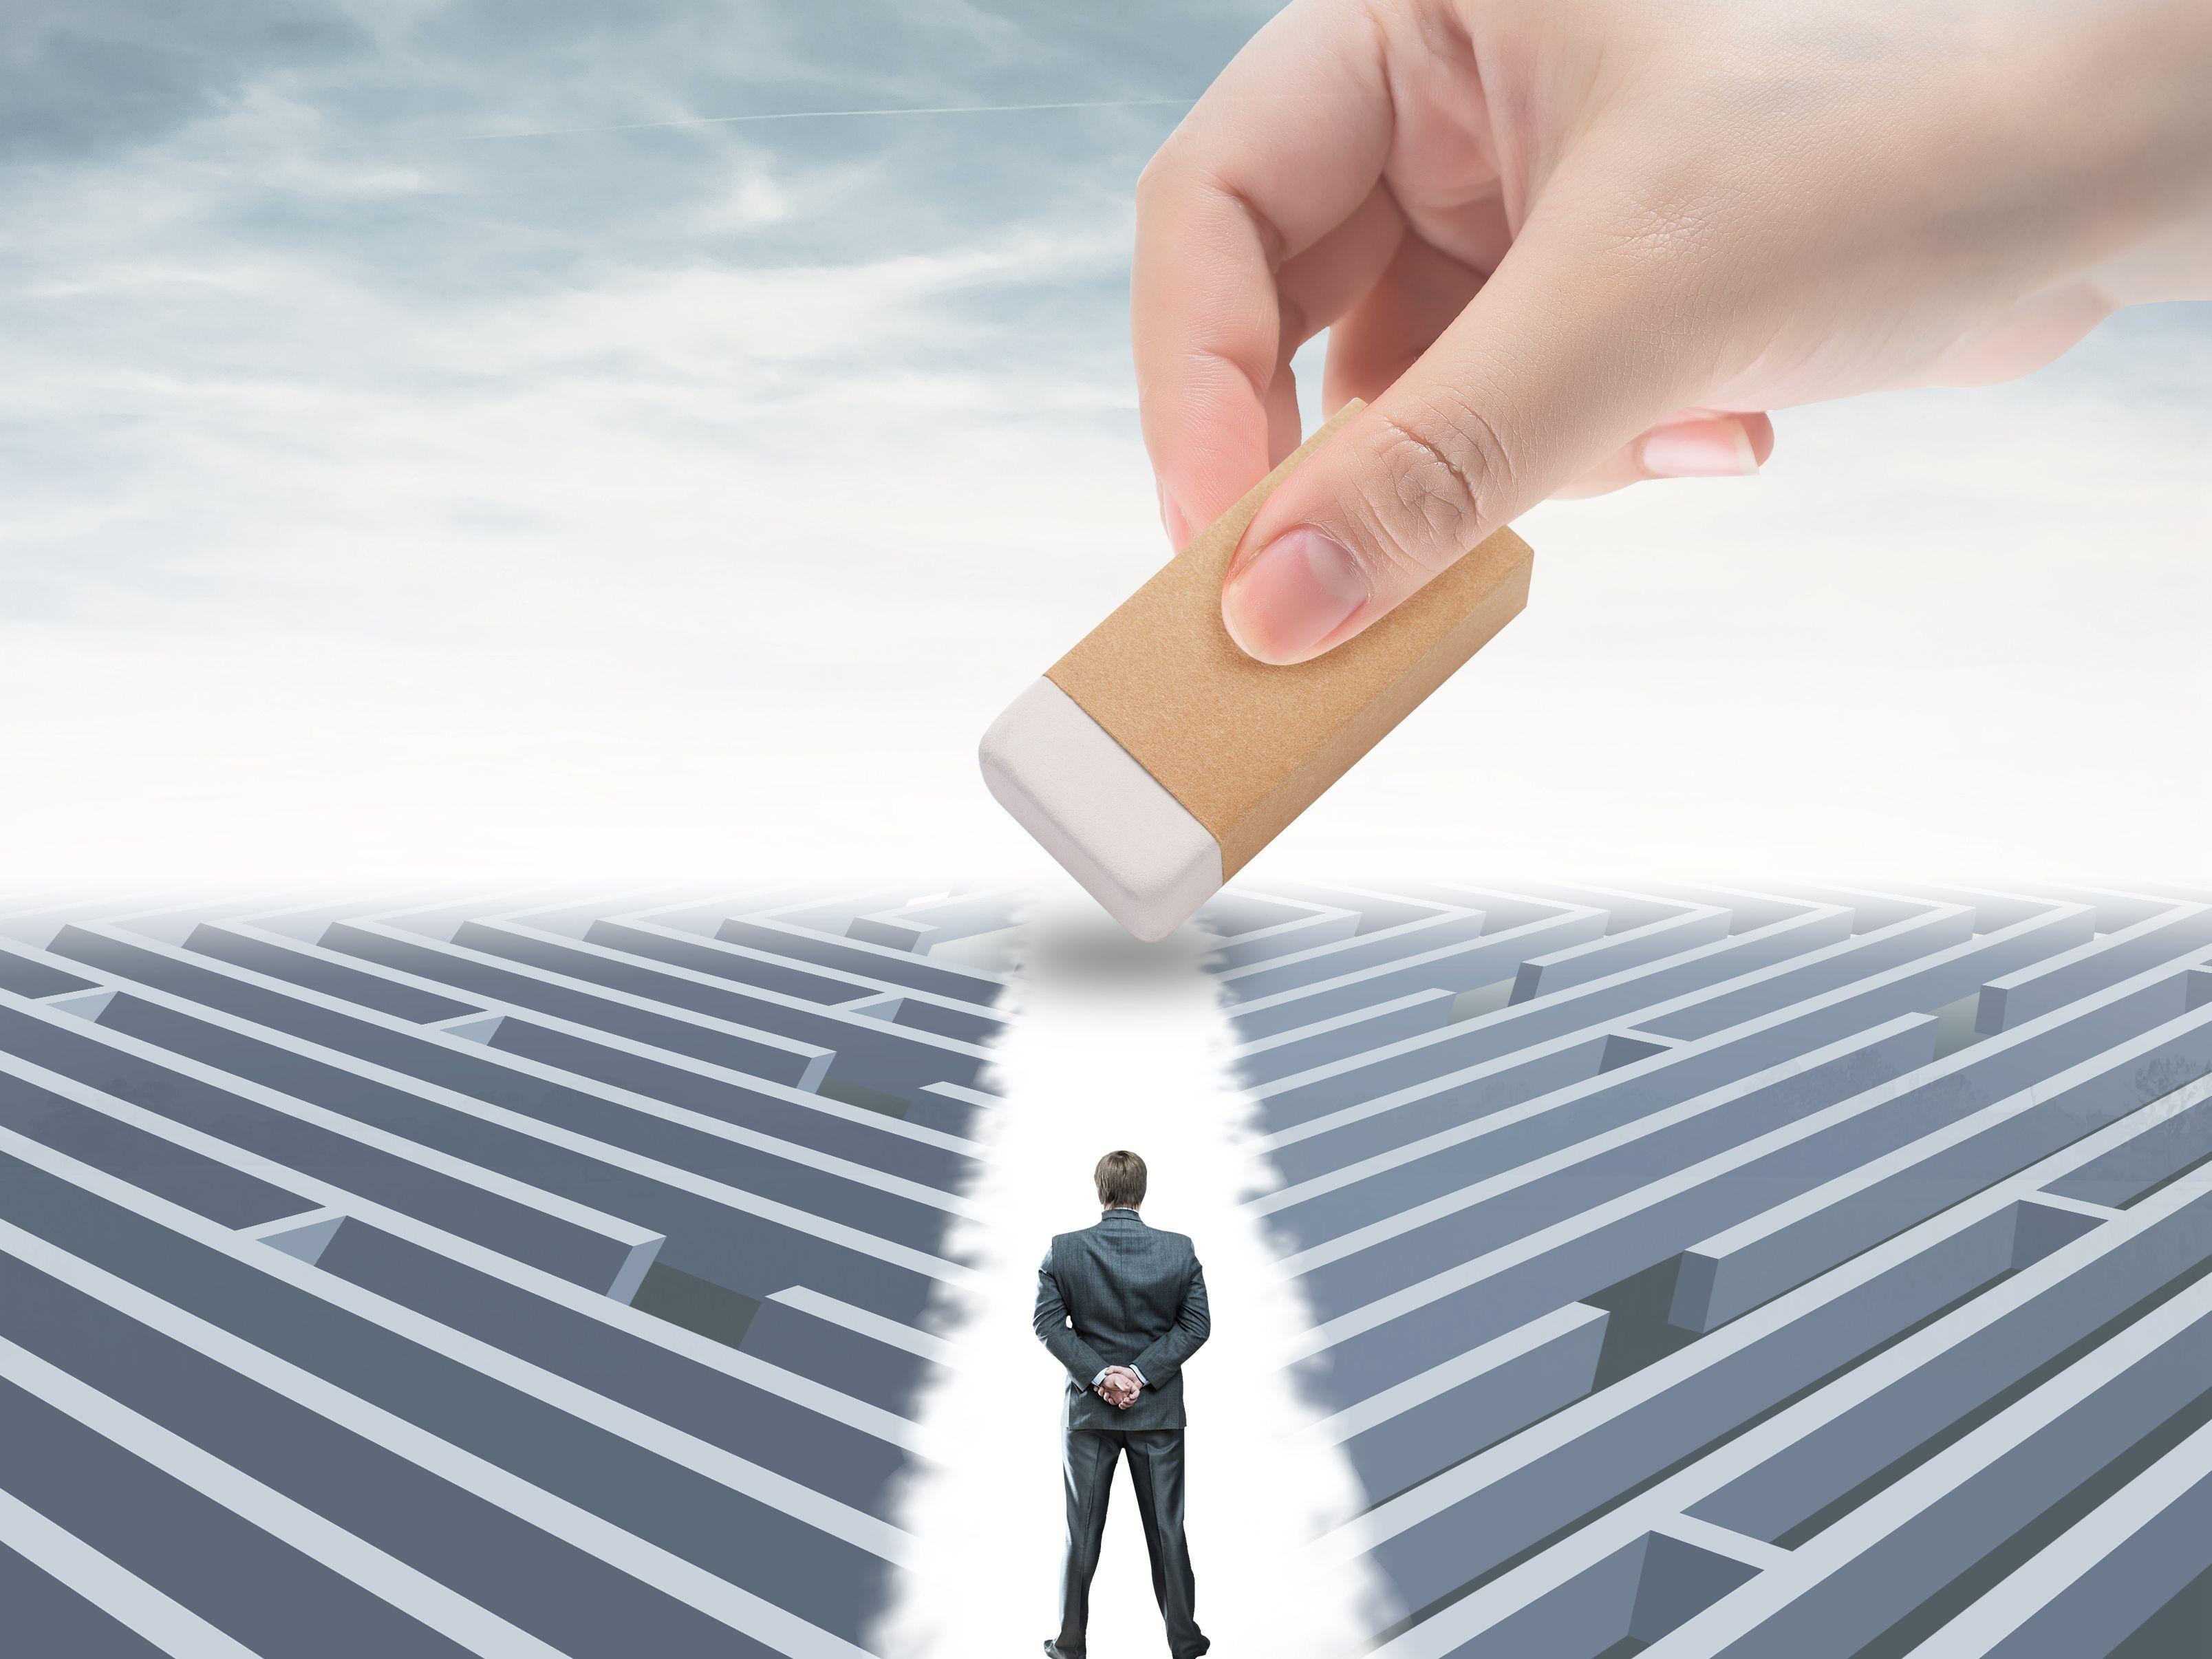 丁建泽:如何构建战略性人力资源管理—做到懂老板、懂业务、懂专业(下) }